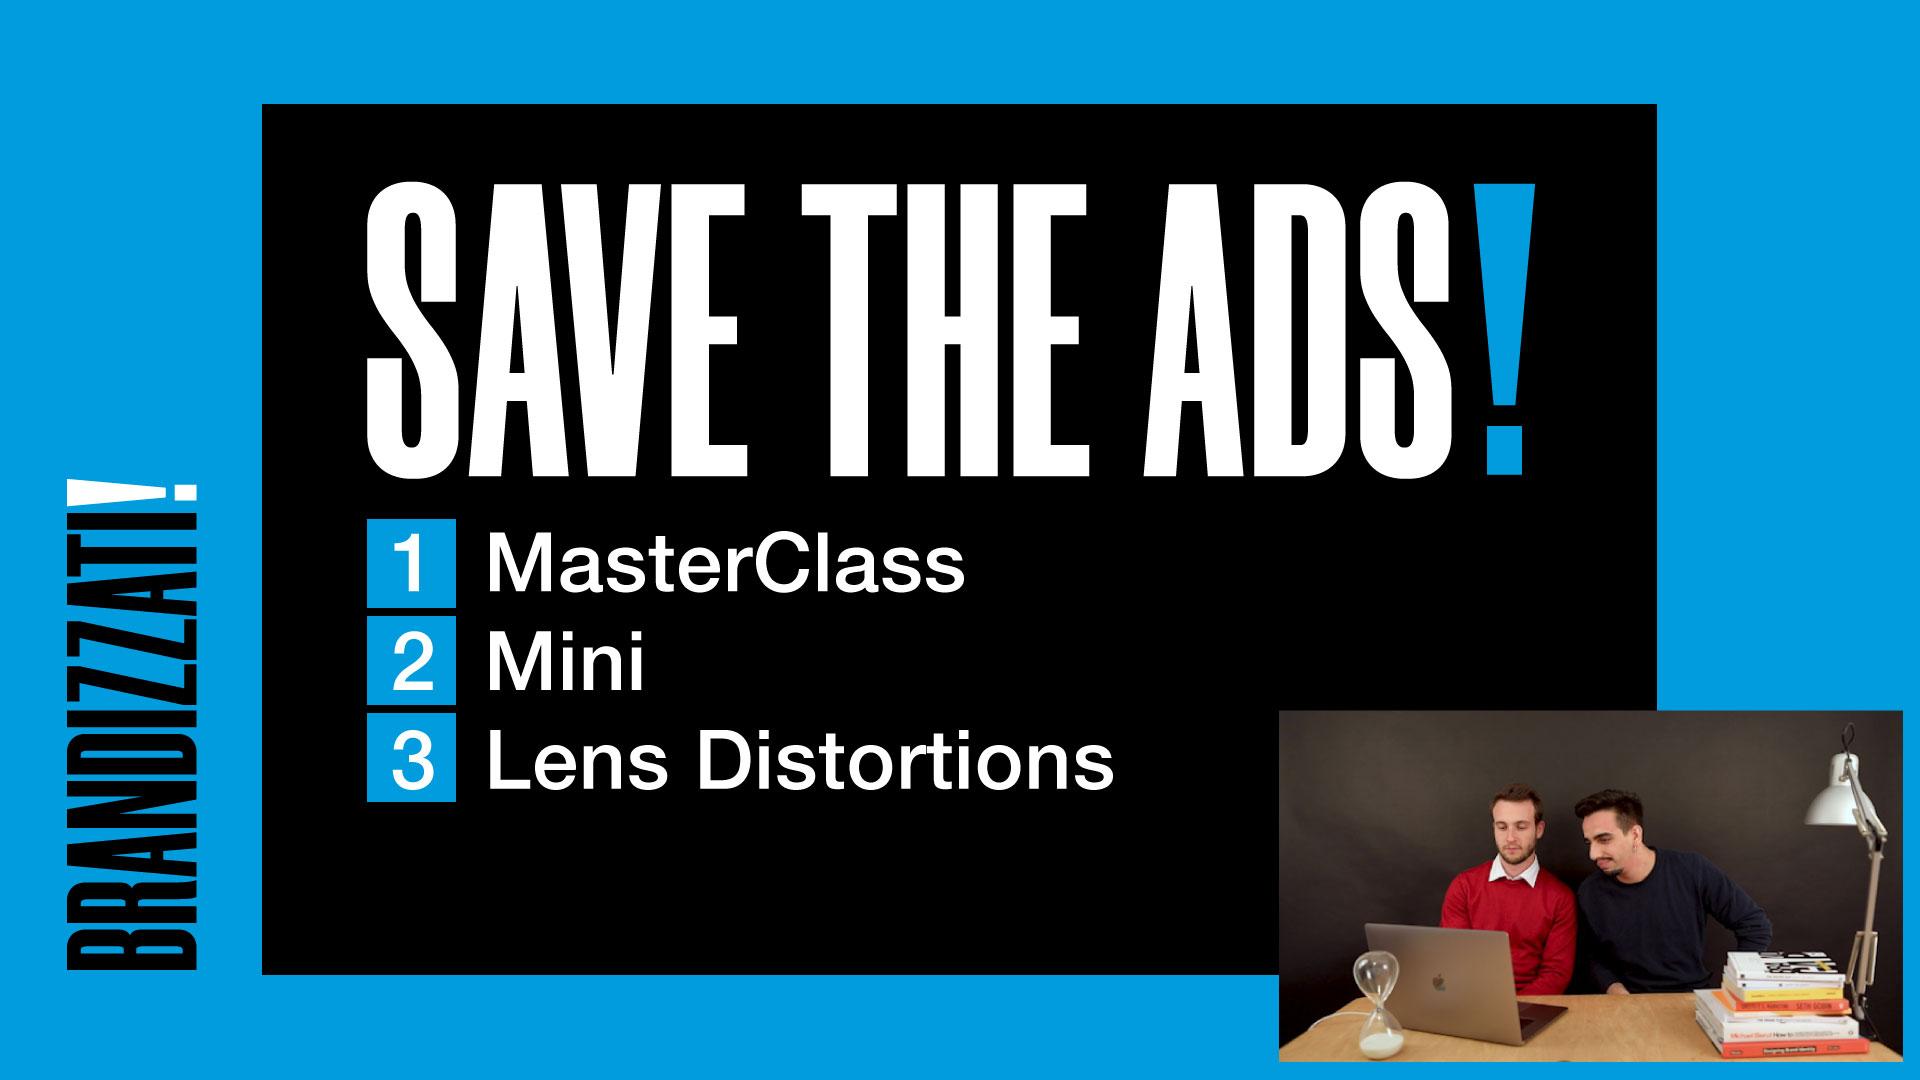 """rettangolo nero sopra un rettangolo ciano con scritta in maiuscolo """"SAVE THE ADS"""" con un elenco puntato a 3 righe"""